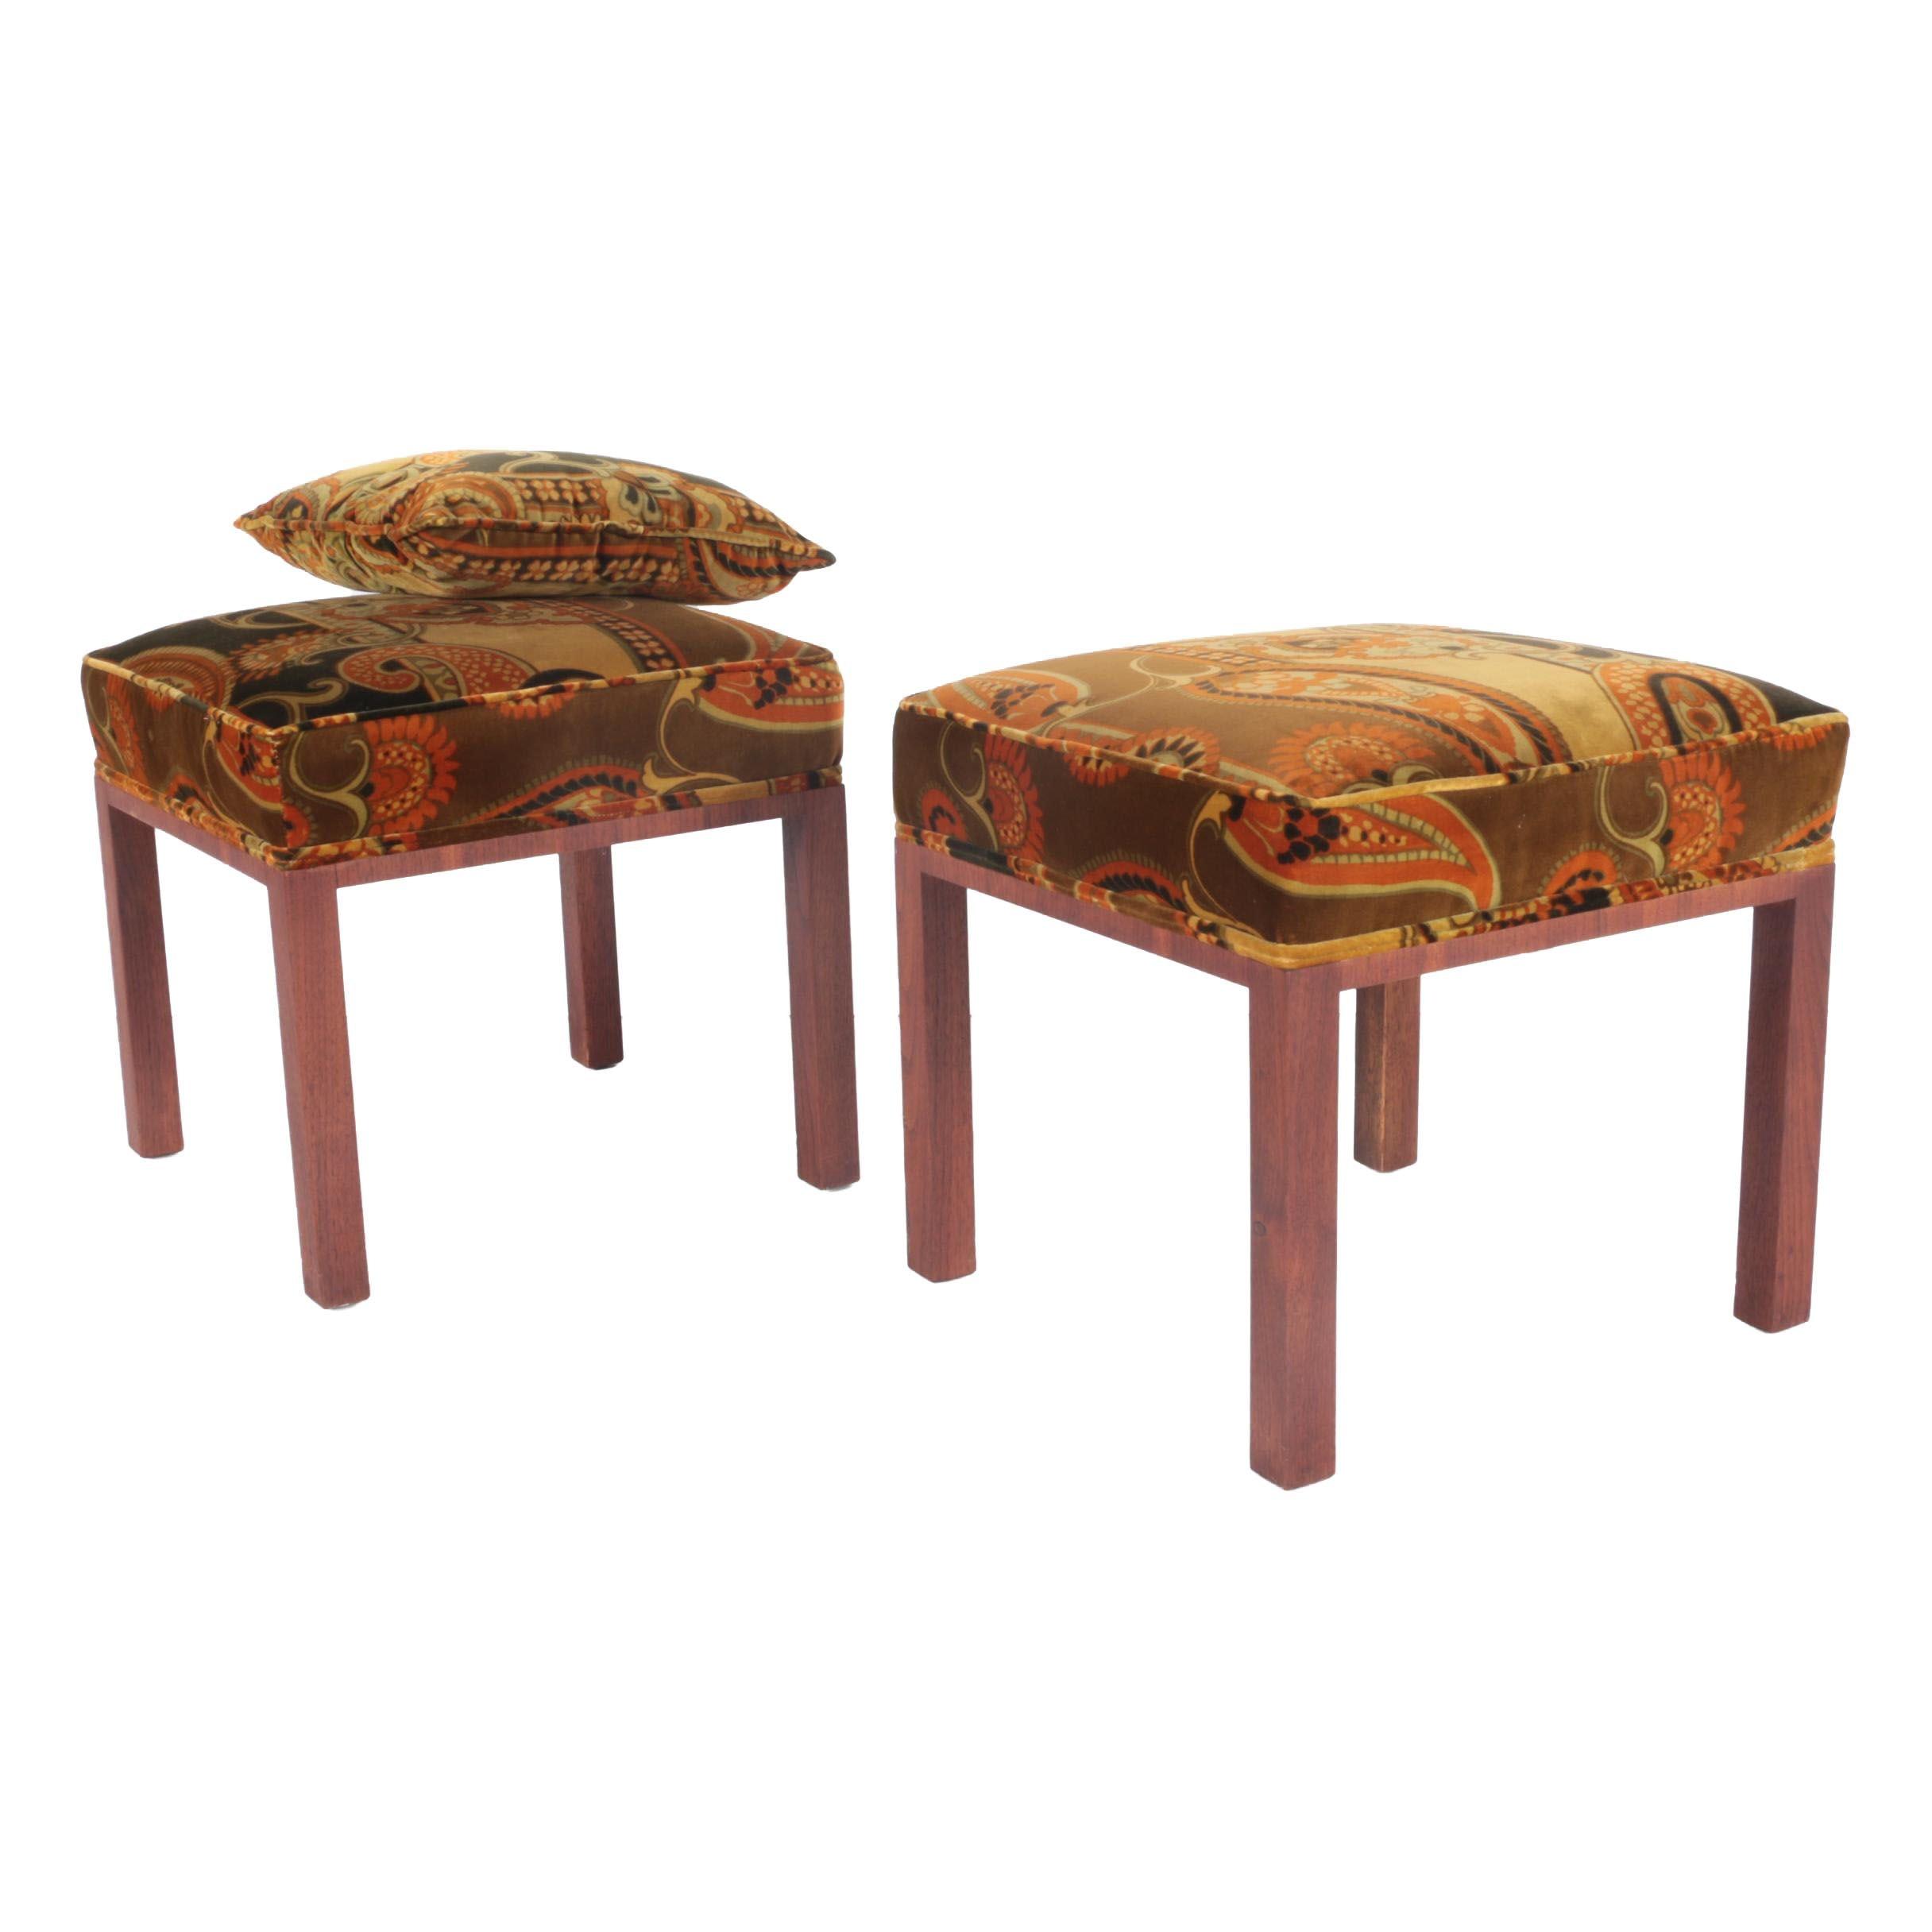 Danish Mid-Century Upholstered Stool Pair by RYA